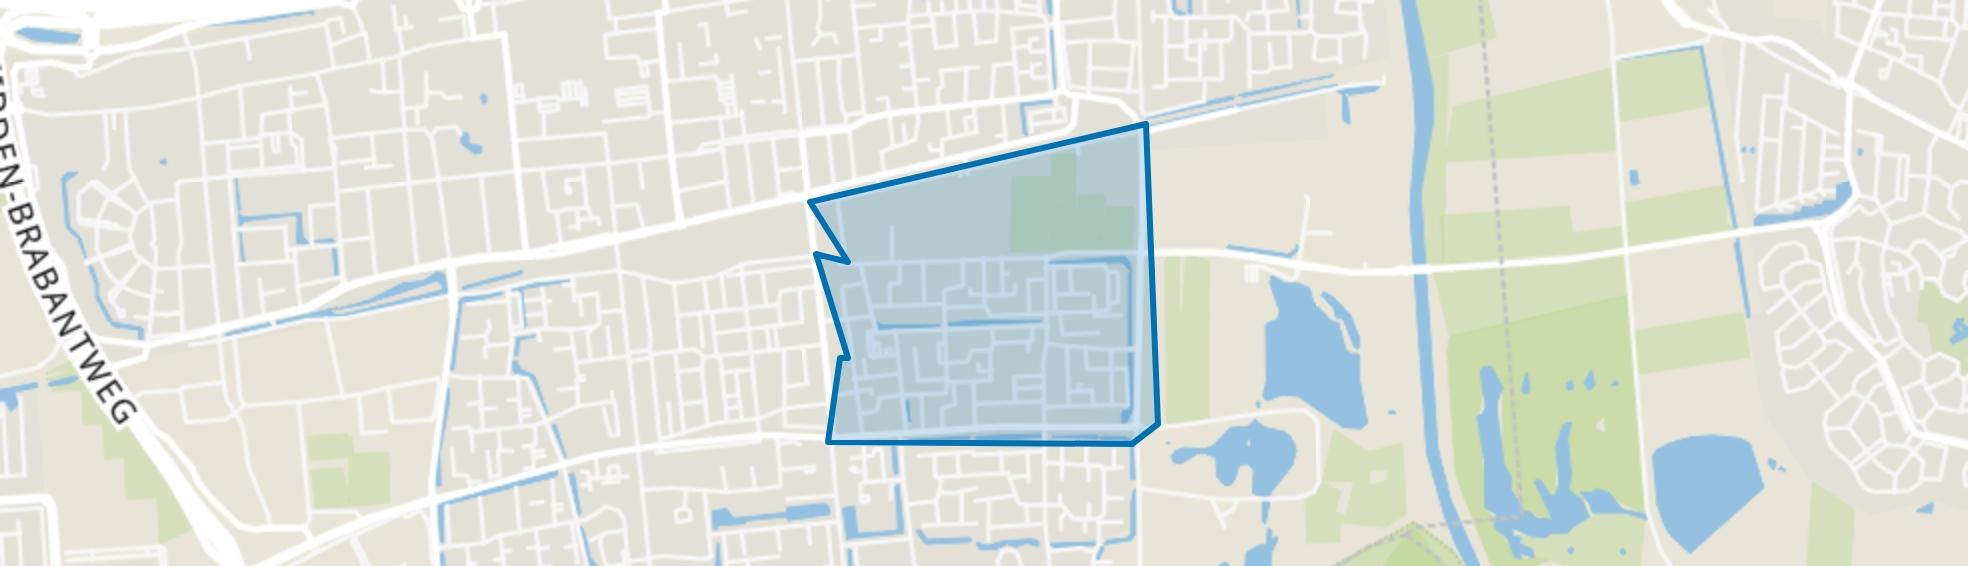 Bloemenoord, Waalwijk map